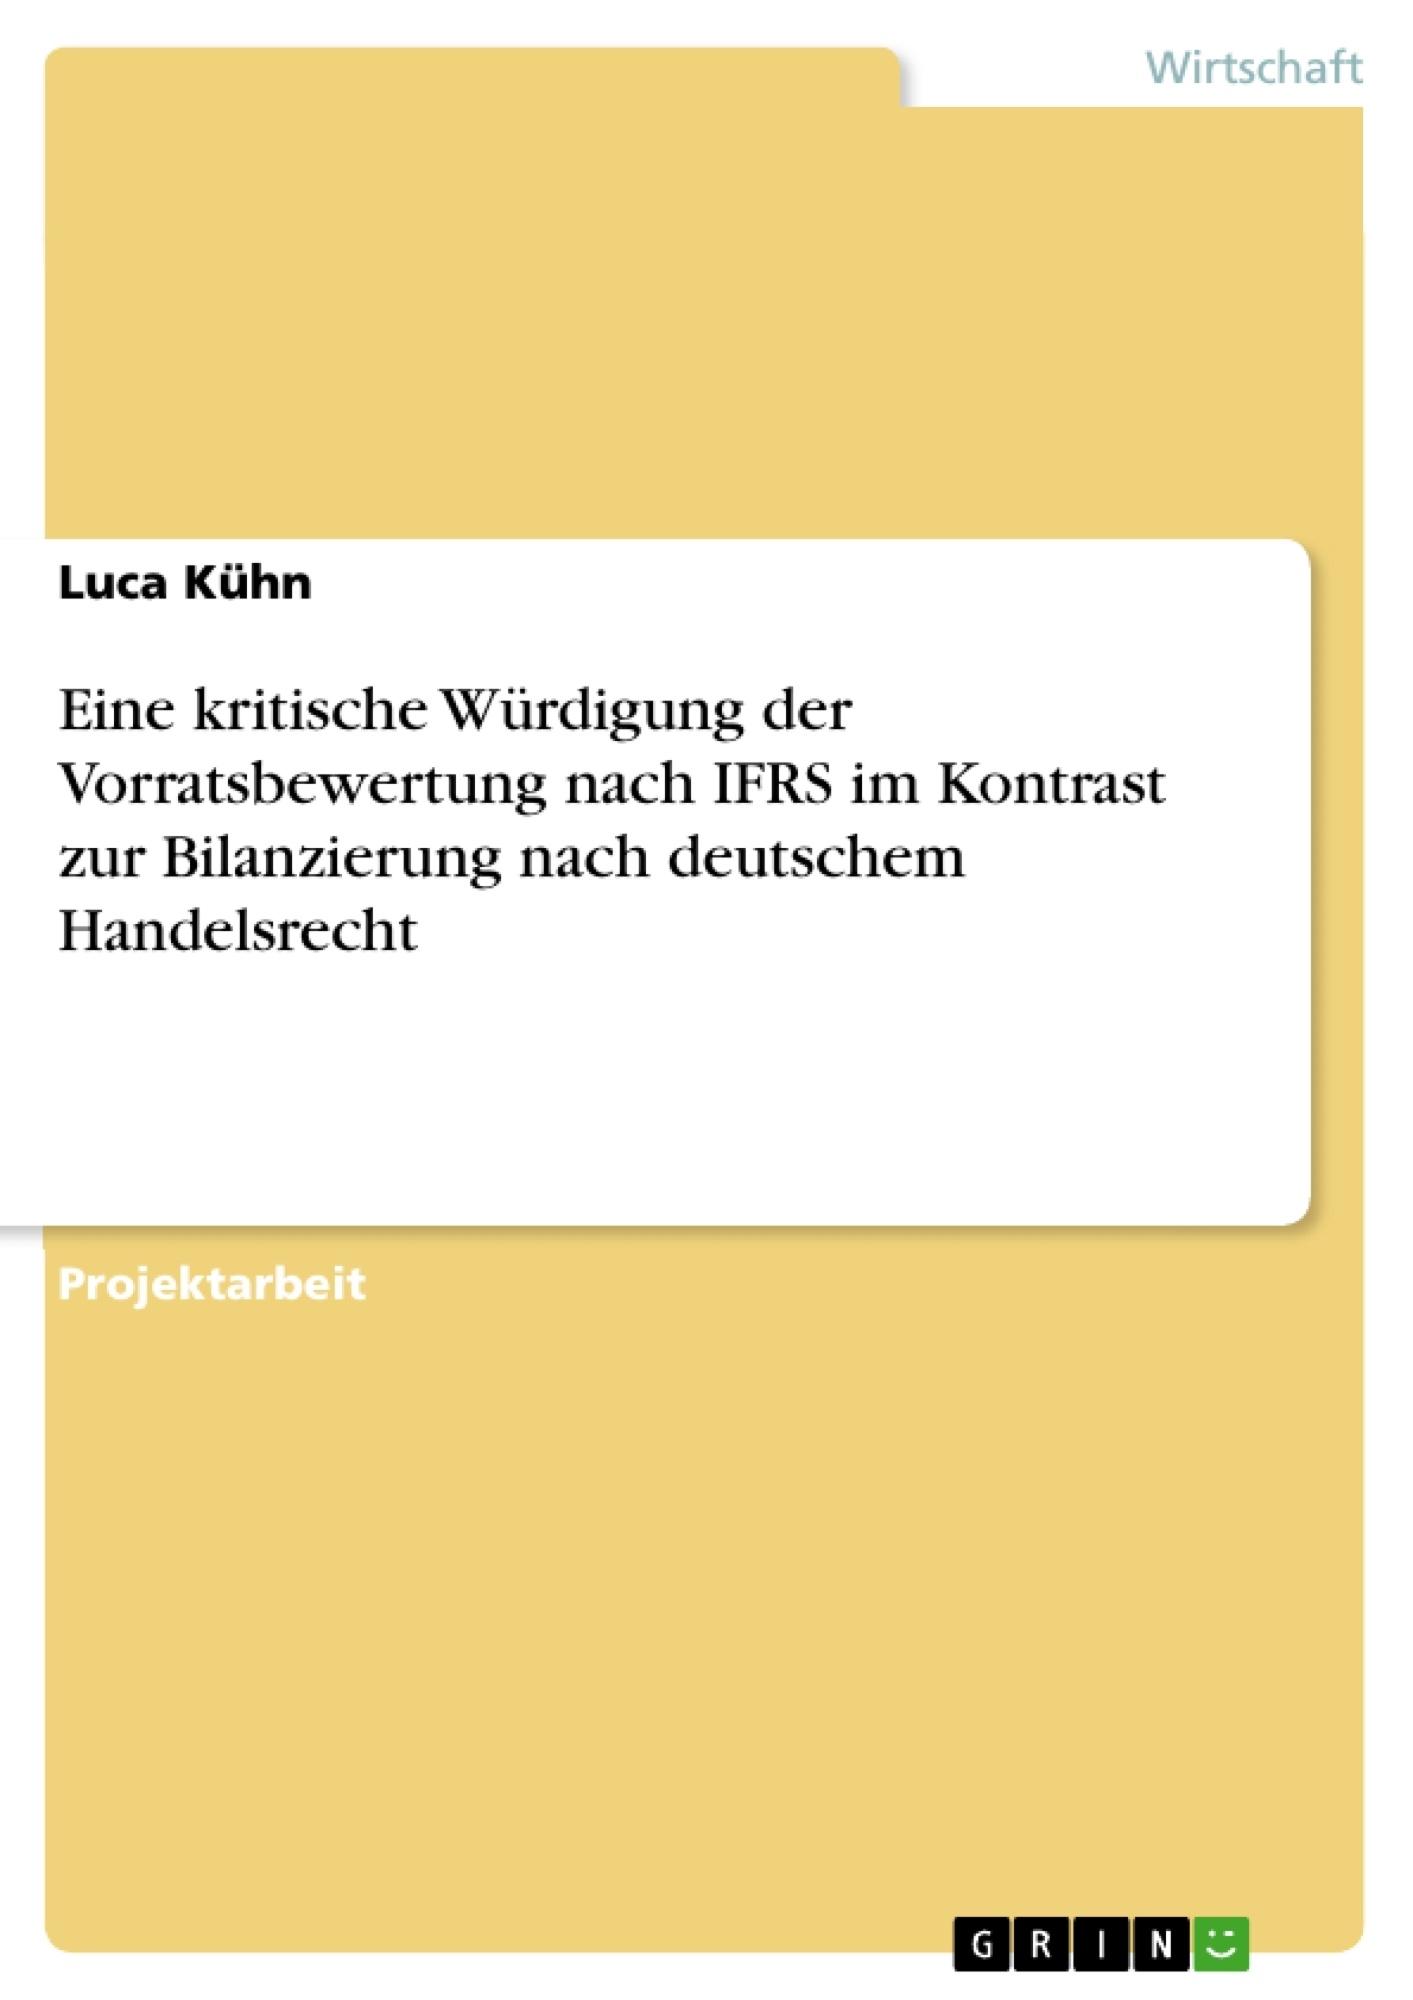 Titel: Eine kritische Würdigung der Vorratsbewertung nach IFRS im Kontrast zur Bilanzierung nach deutschem Handelsrecht